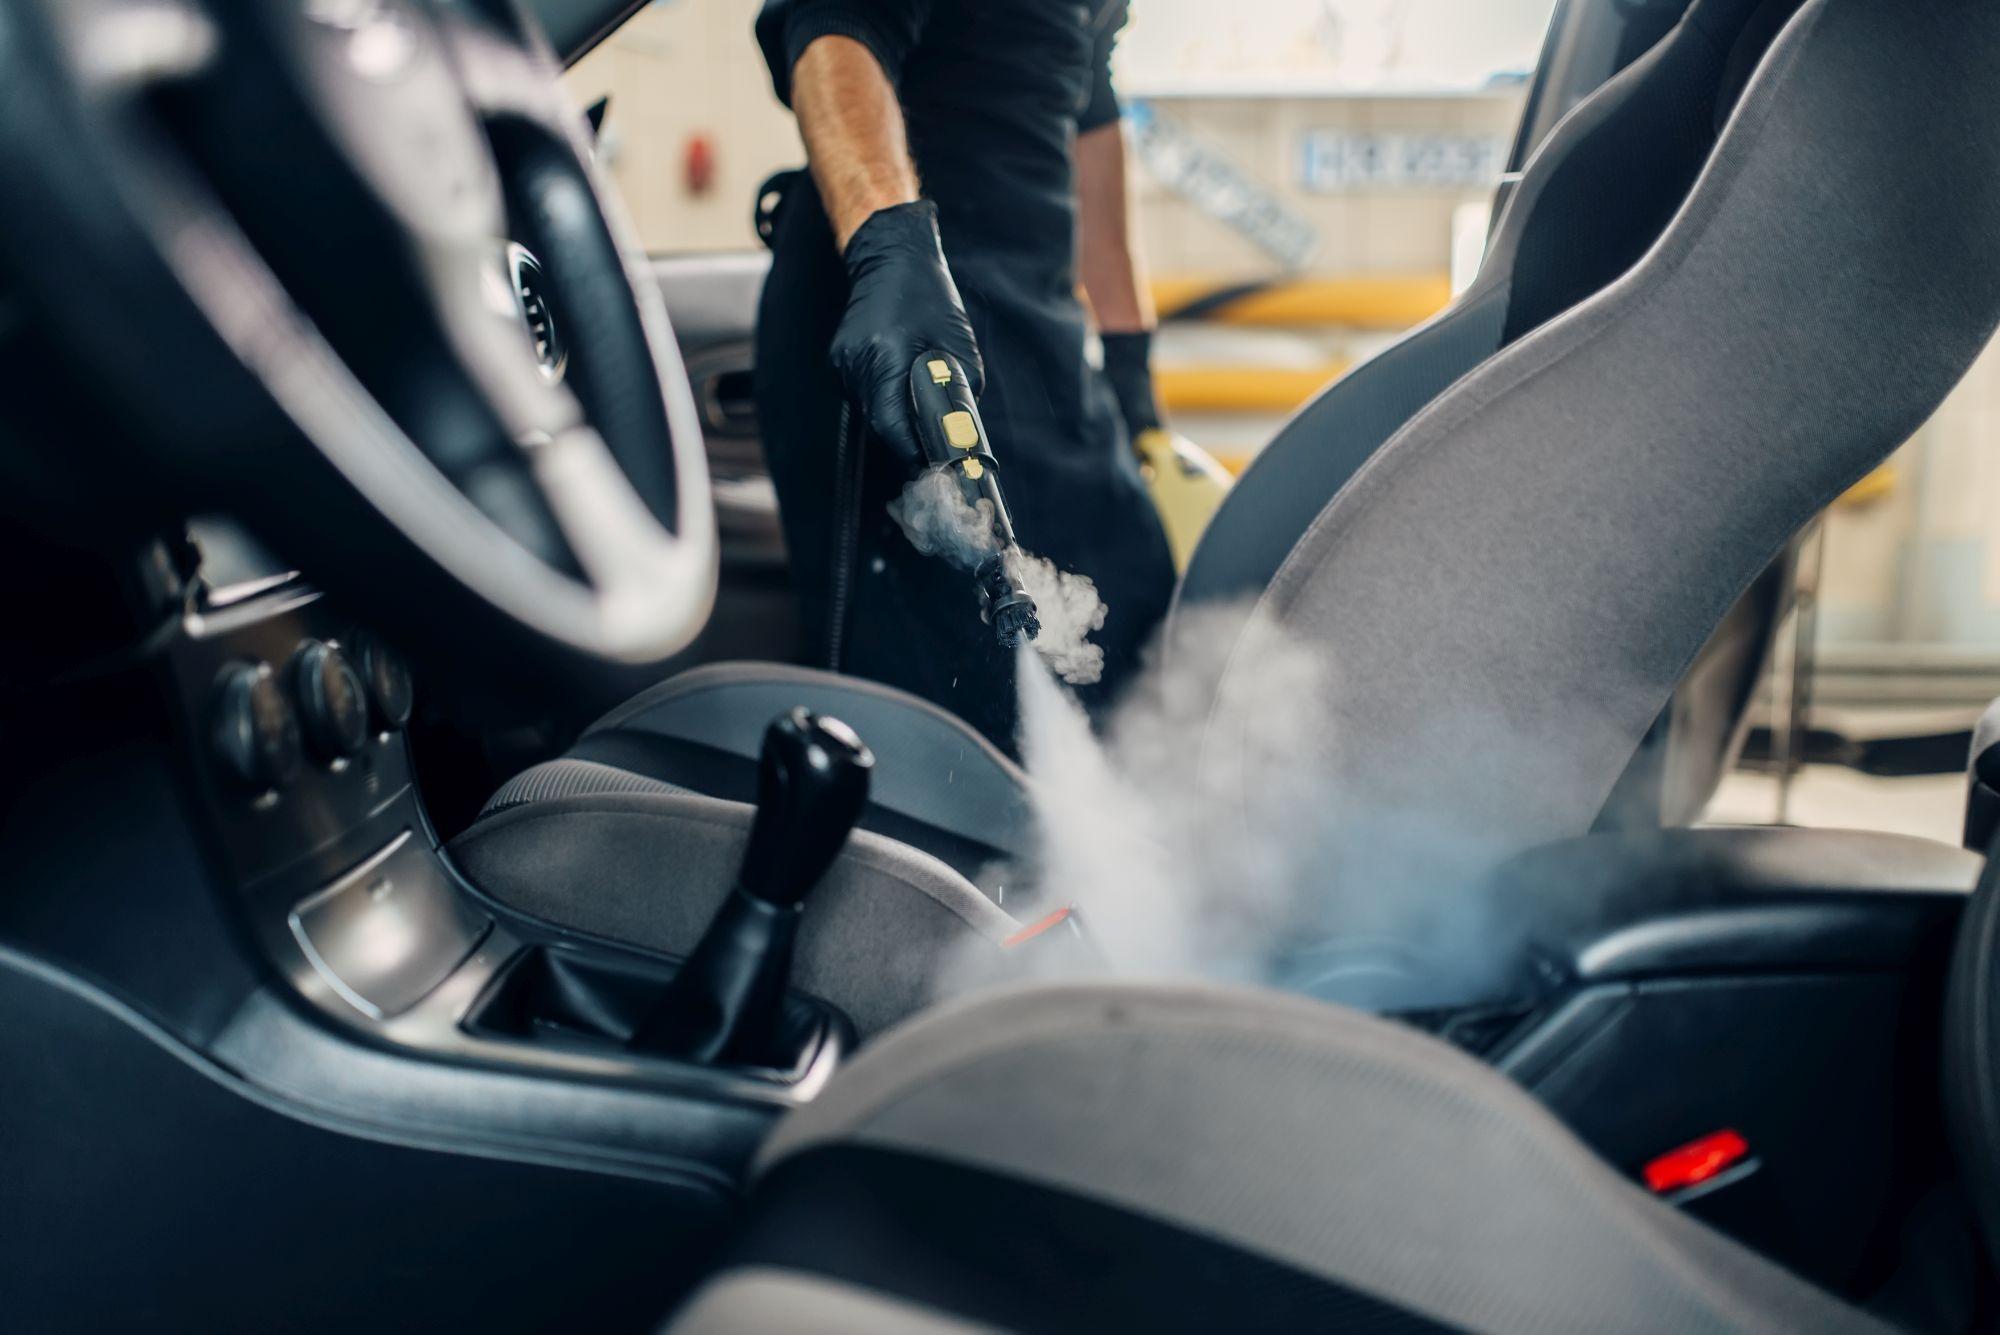 Egy férfi kézi gőztisztítóval autót takarít